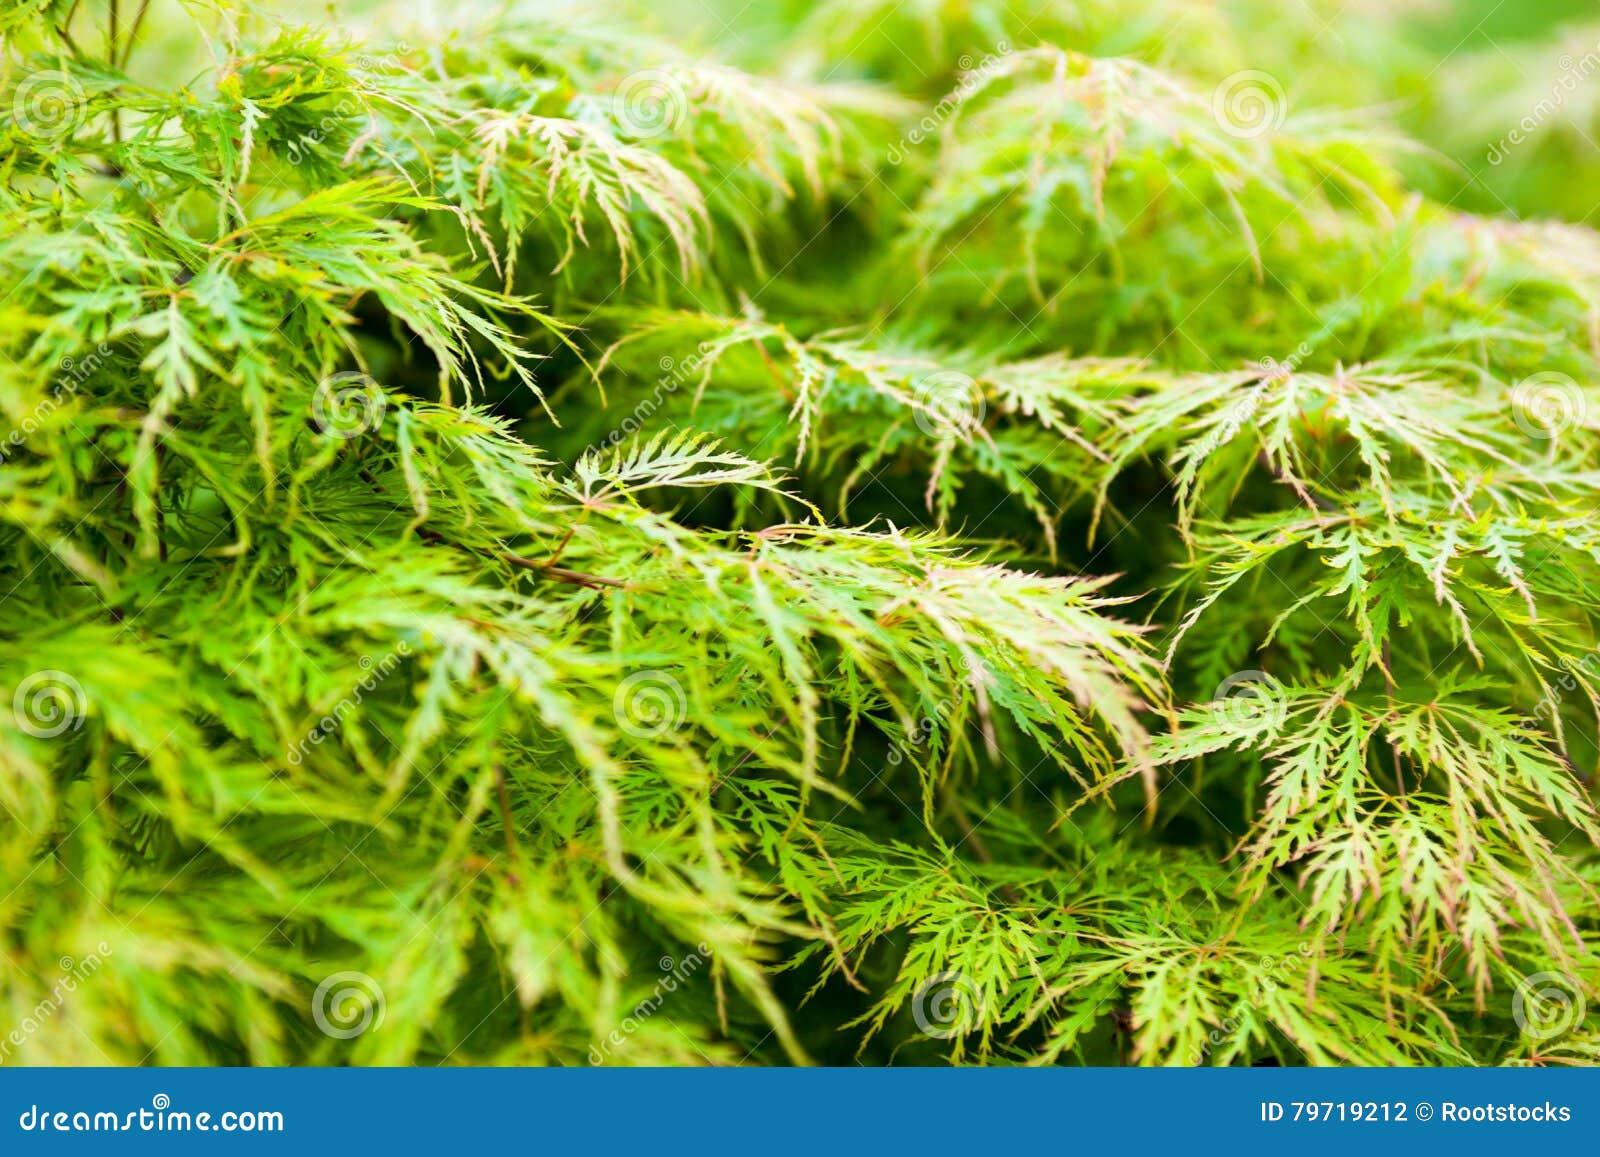 Acero Giapponese Verde foglie verdi dell'acer palmatum dell'acero giapponese